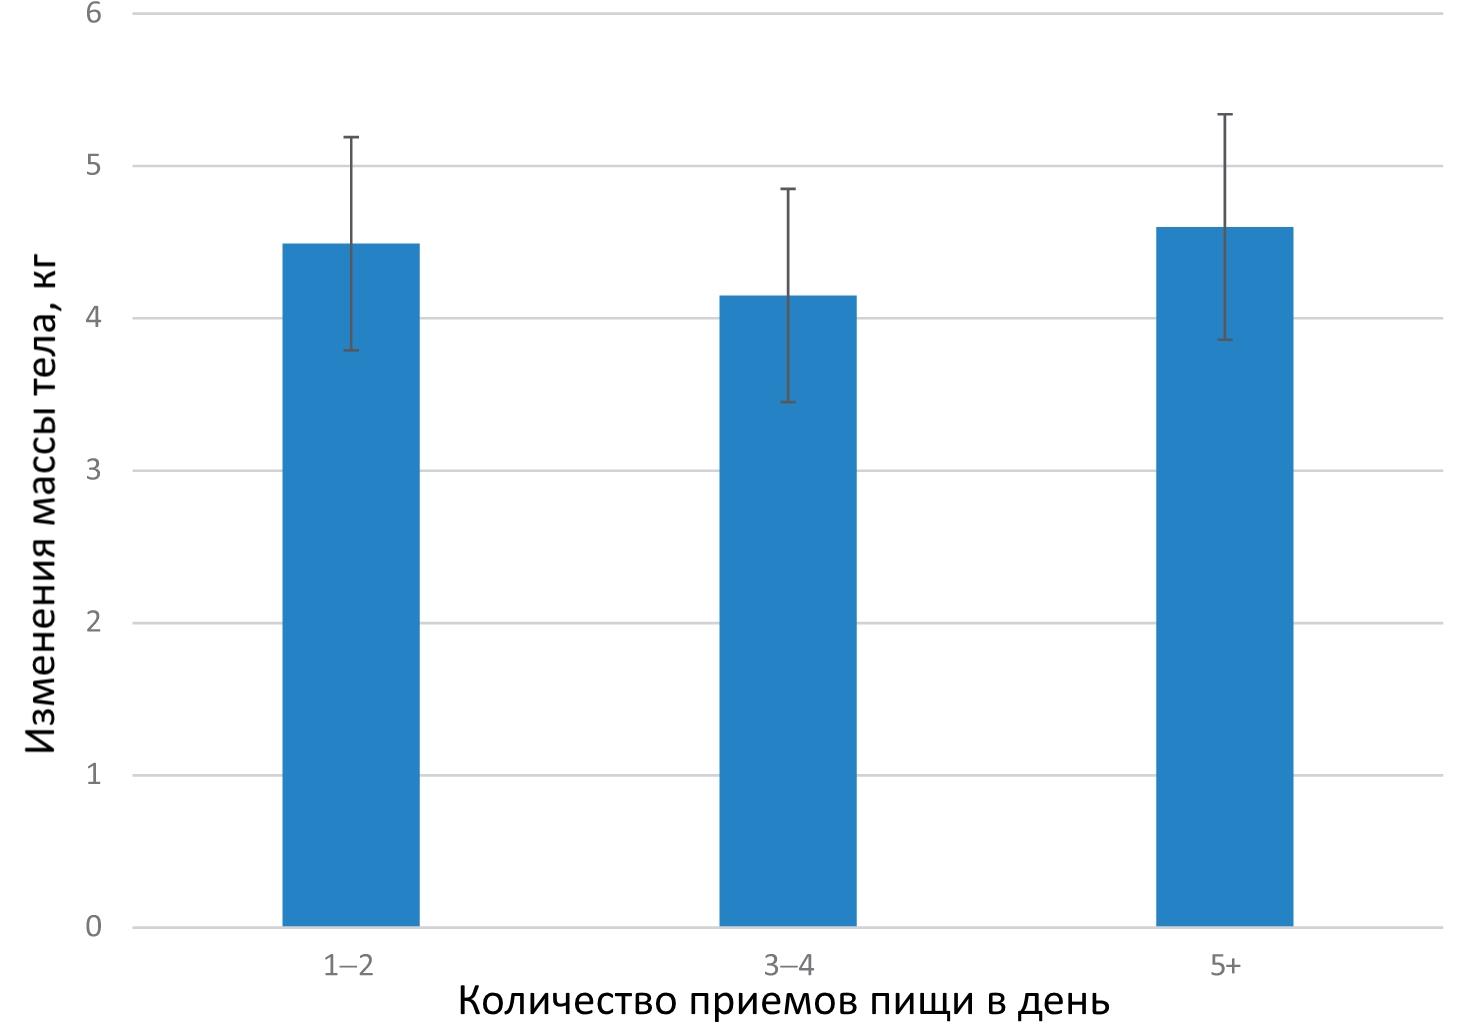 Зависимость массы тела от частоты приемов пищи